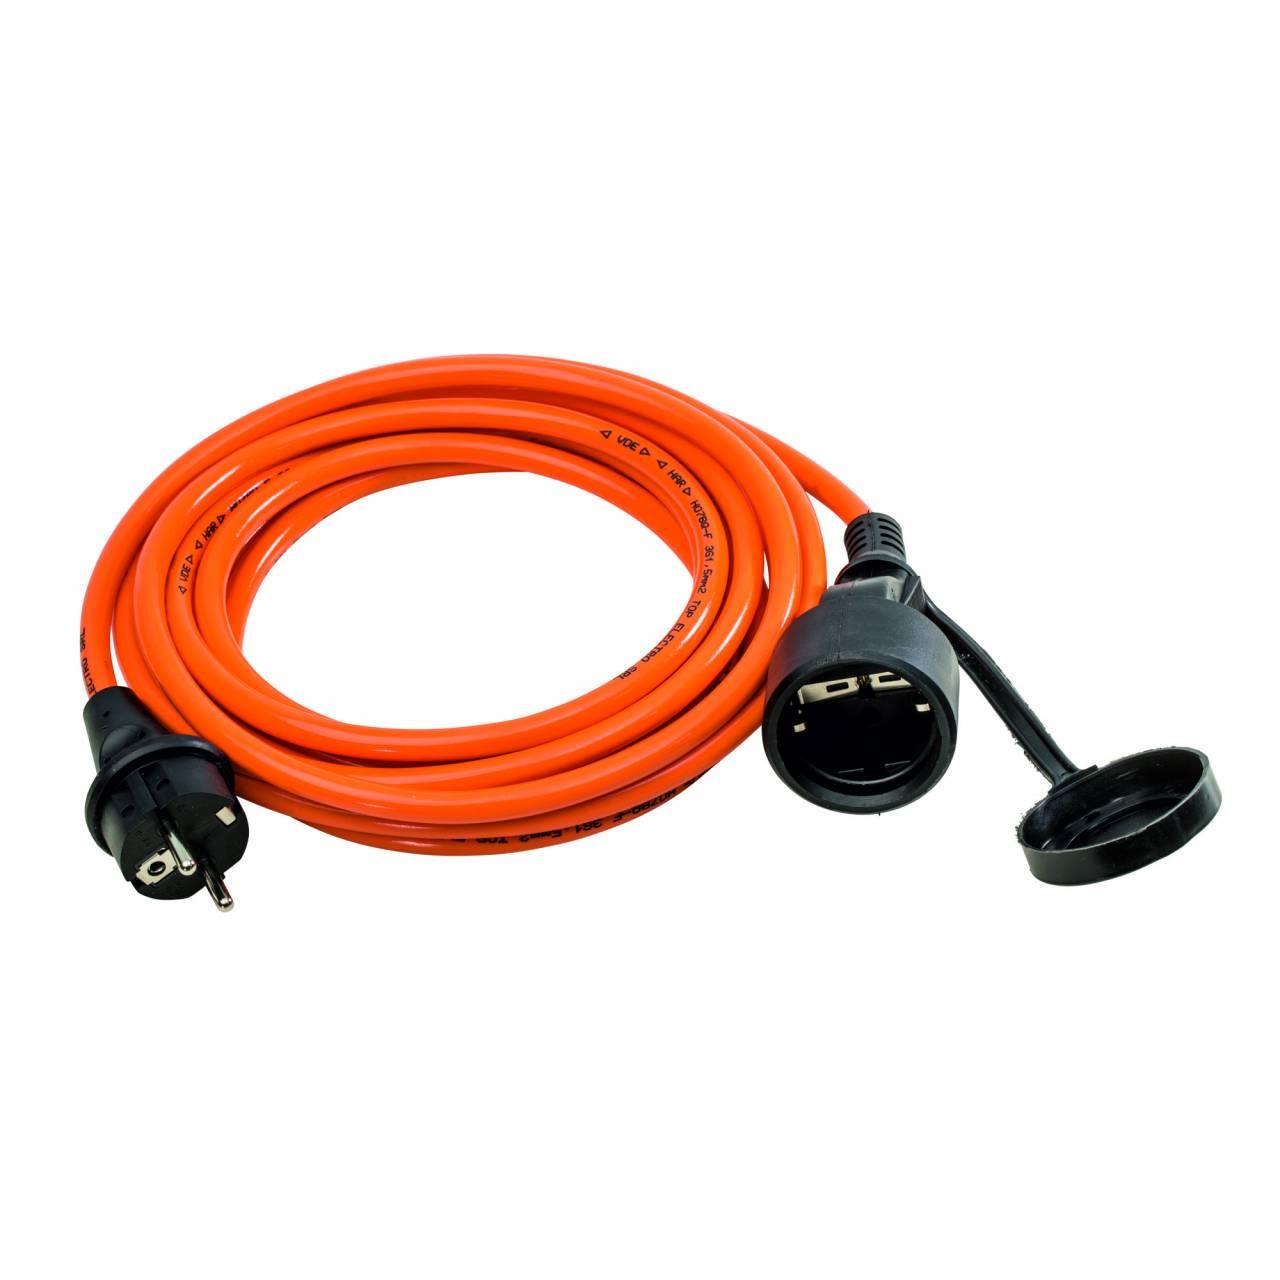 PUR-Verlängerungskabel H07BQ-F 3G1,5 / 230V, 16A, orange, 10,0 m